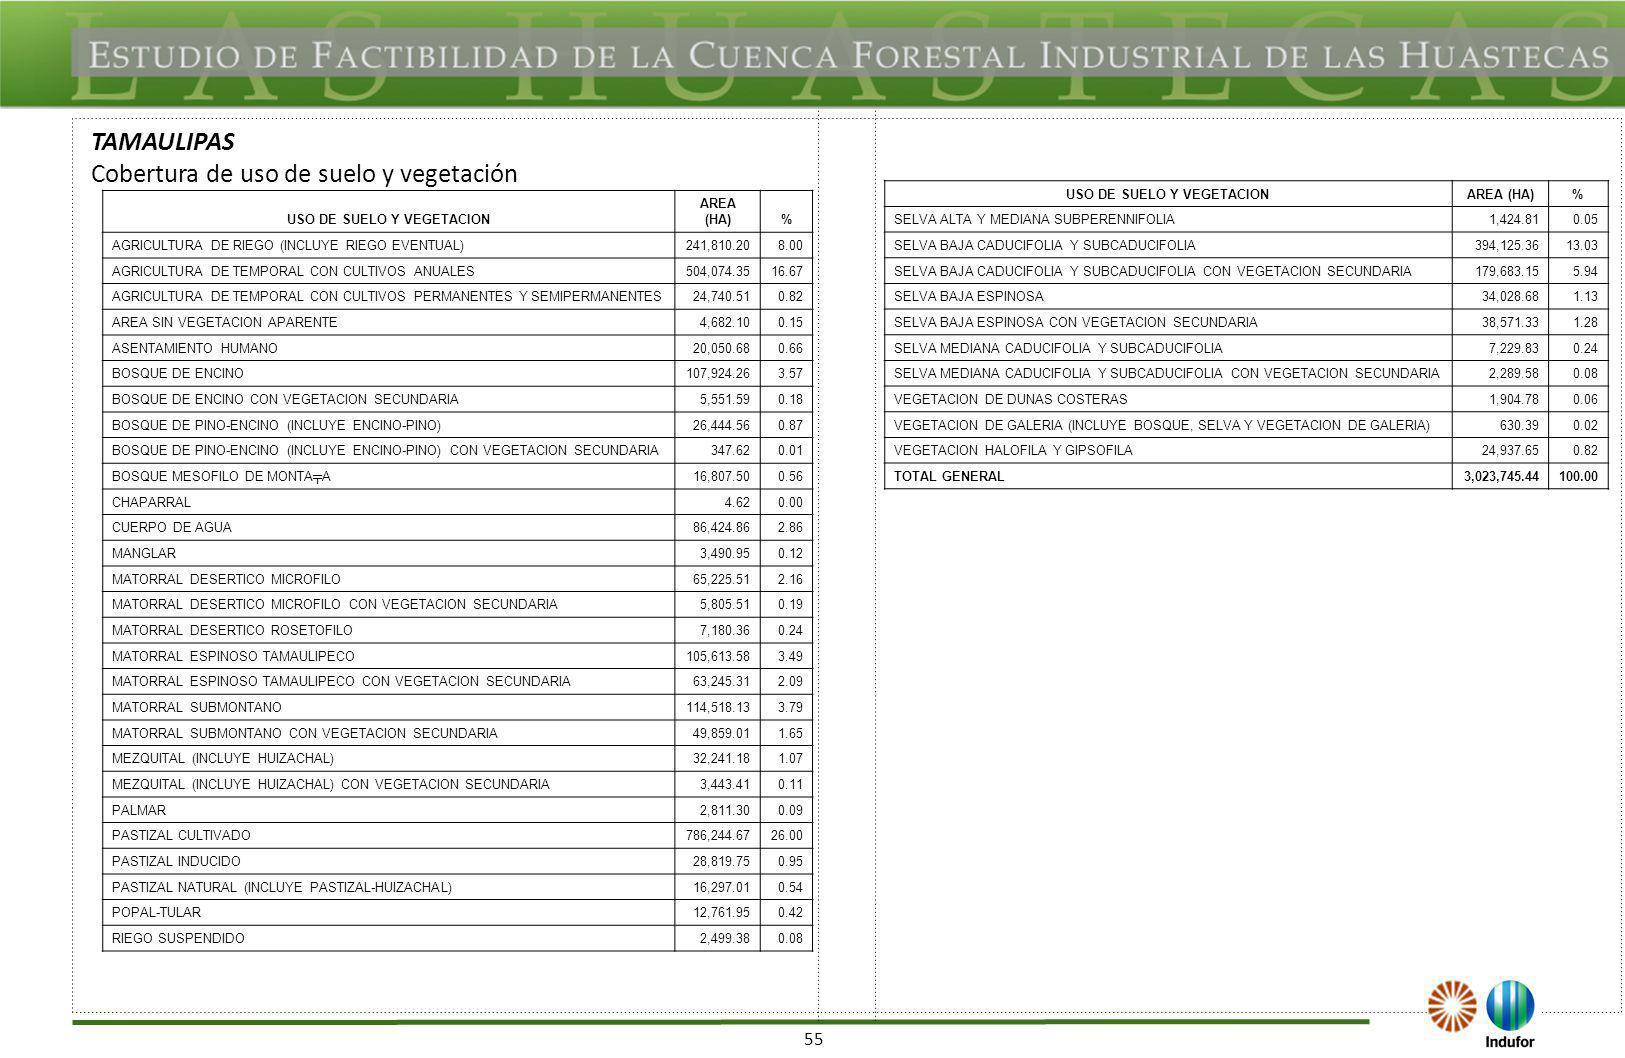 USO DE SUELO Y VEGETACION